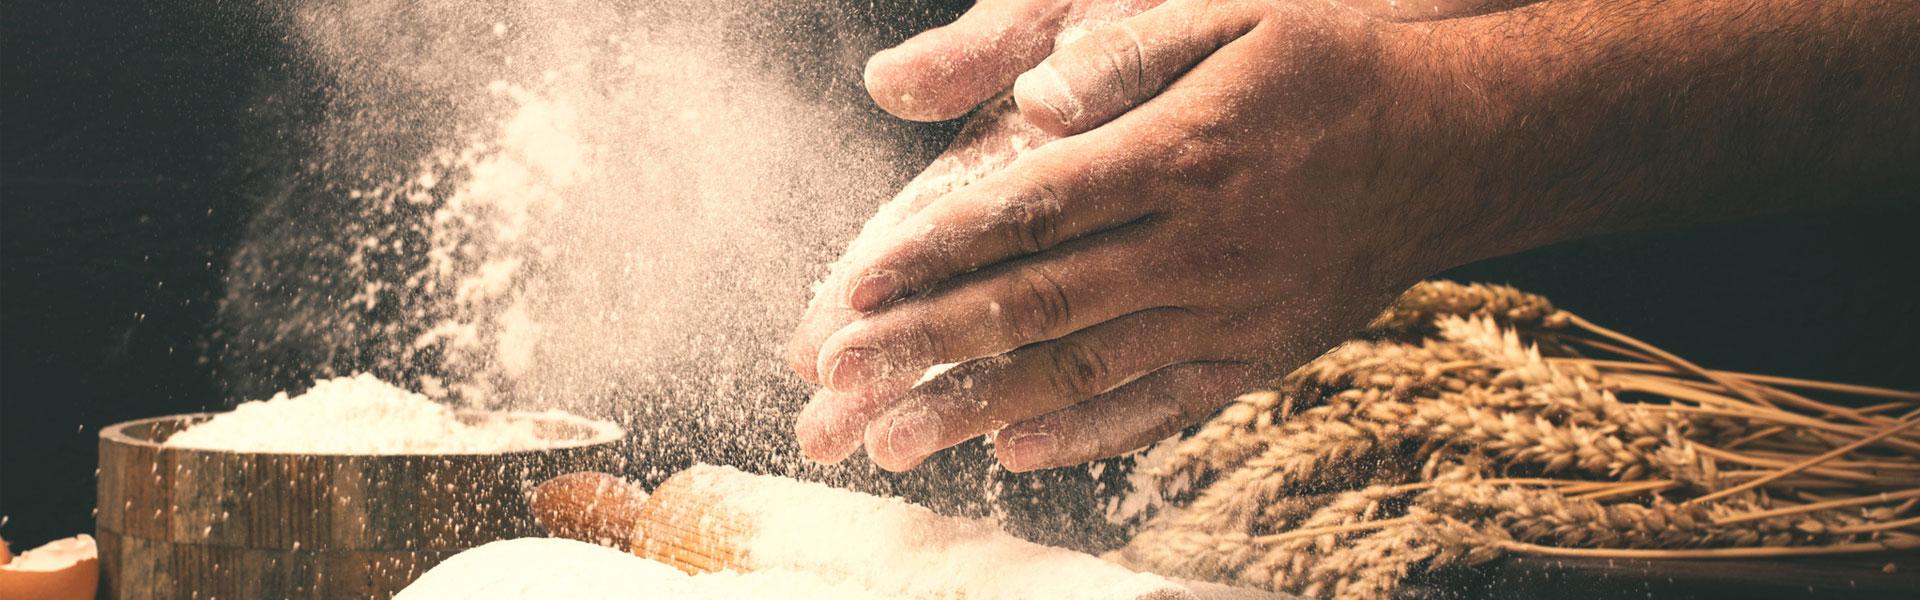 Bäckerei Riedle